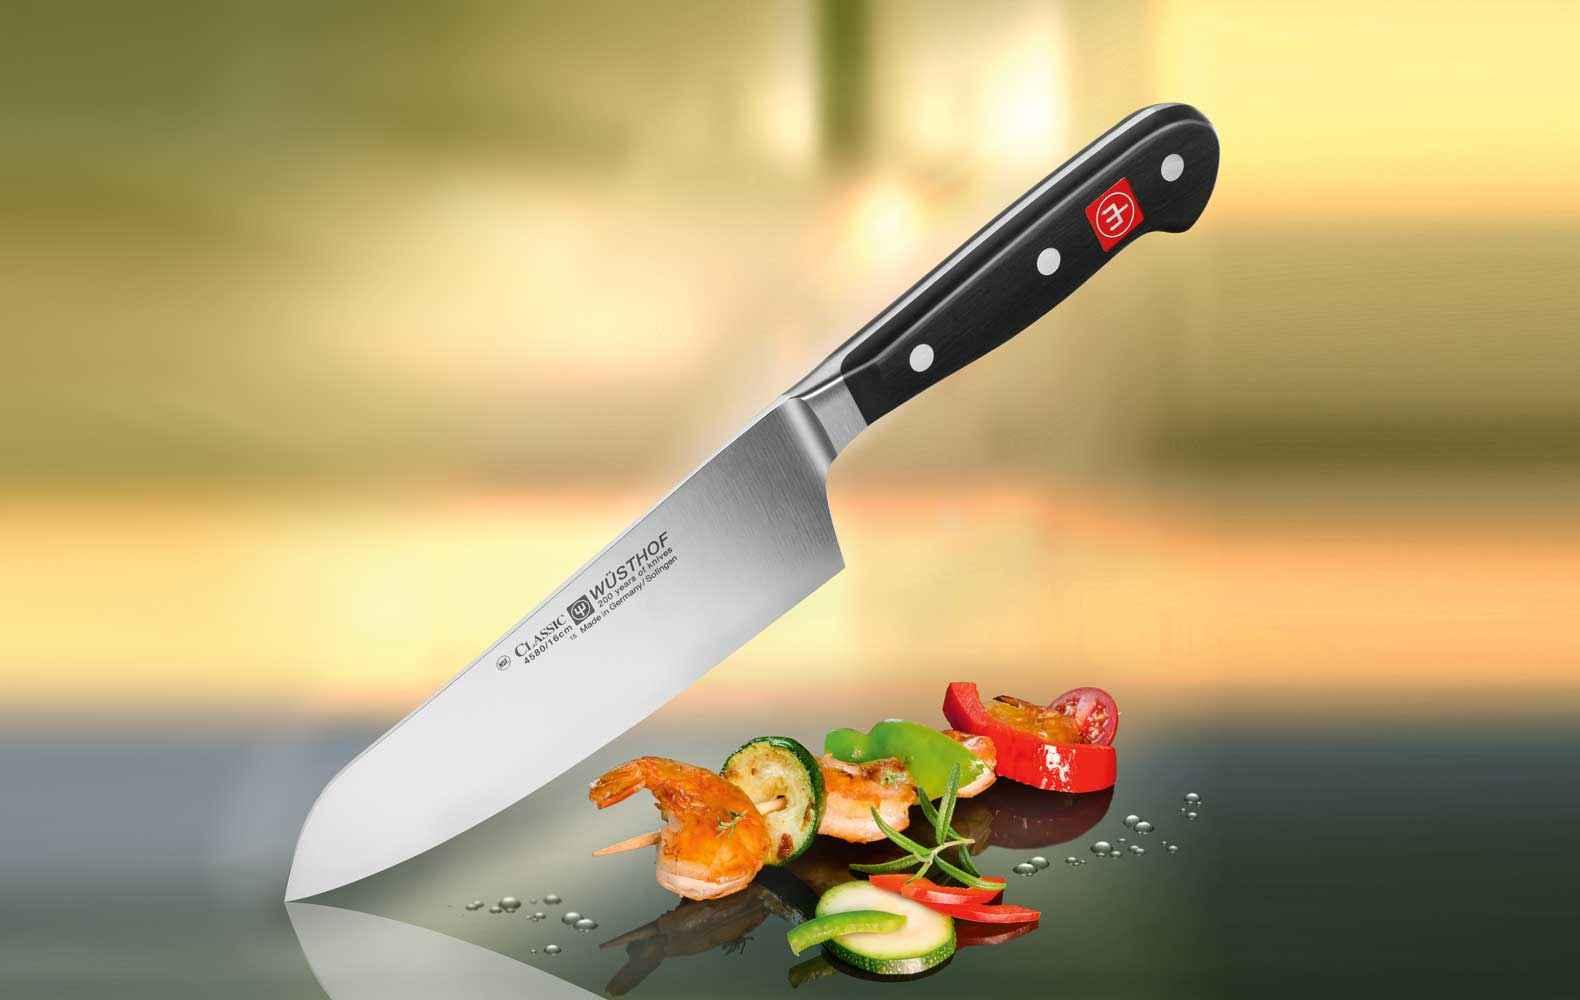 it diesem Messer lässt sich einfach alles schnell und unkompliziert Schneiden. Ob zum Schnibbeln und Portionieren von Gemüse, Obst, Fleisch, Fisch oder zum Wiegen und Hacken von feinen Kräutern – der Kitchen Surfer erledigt seinen Job perfekt und zuverlässig.